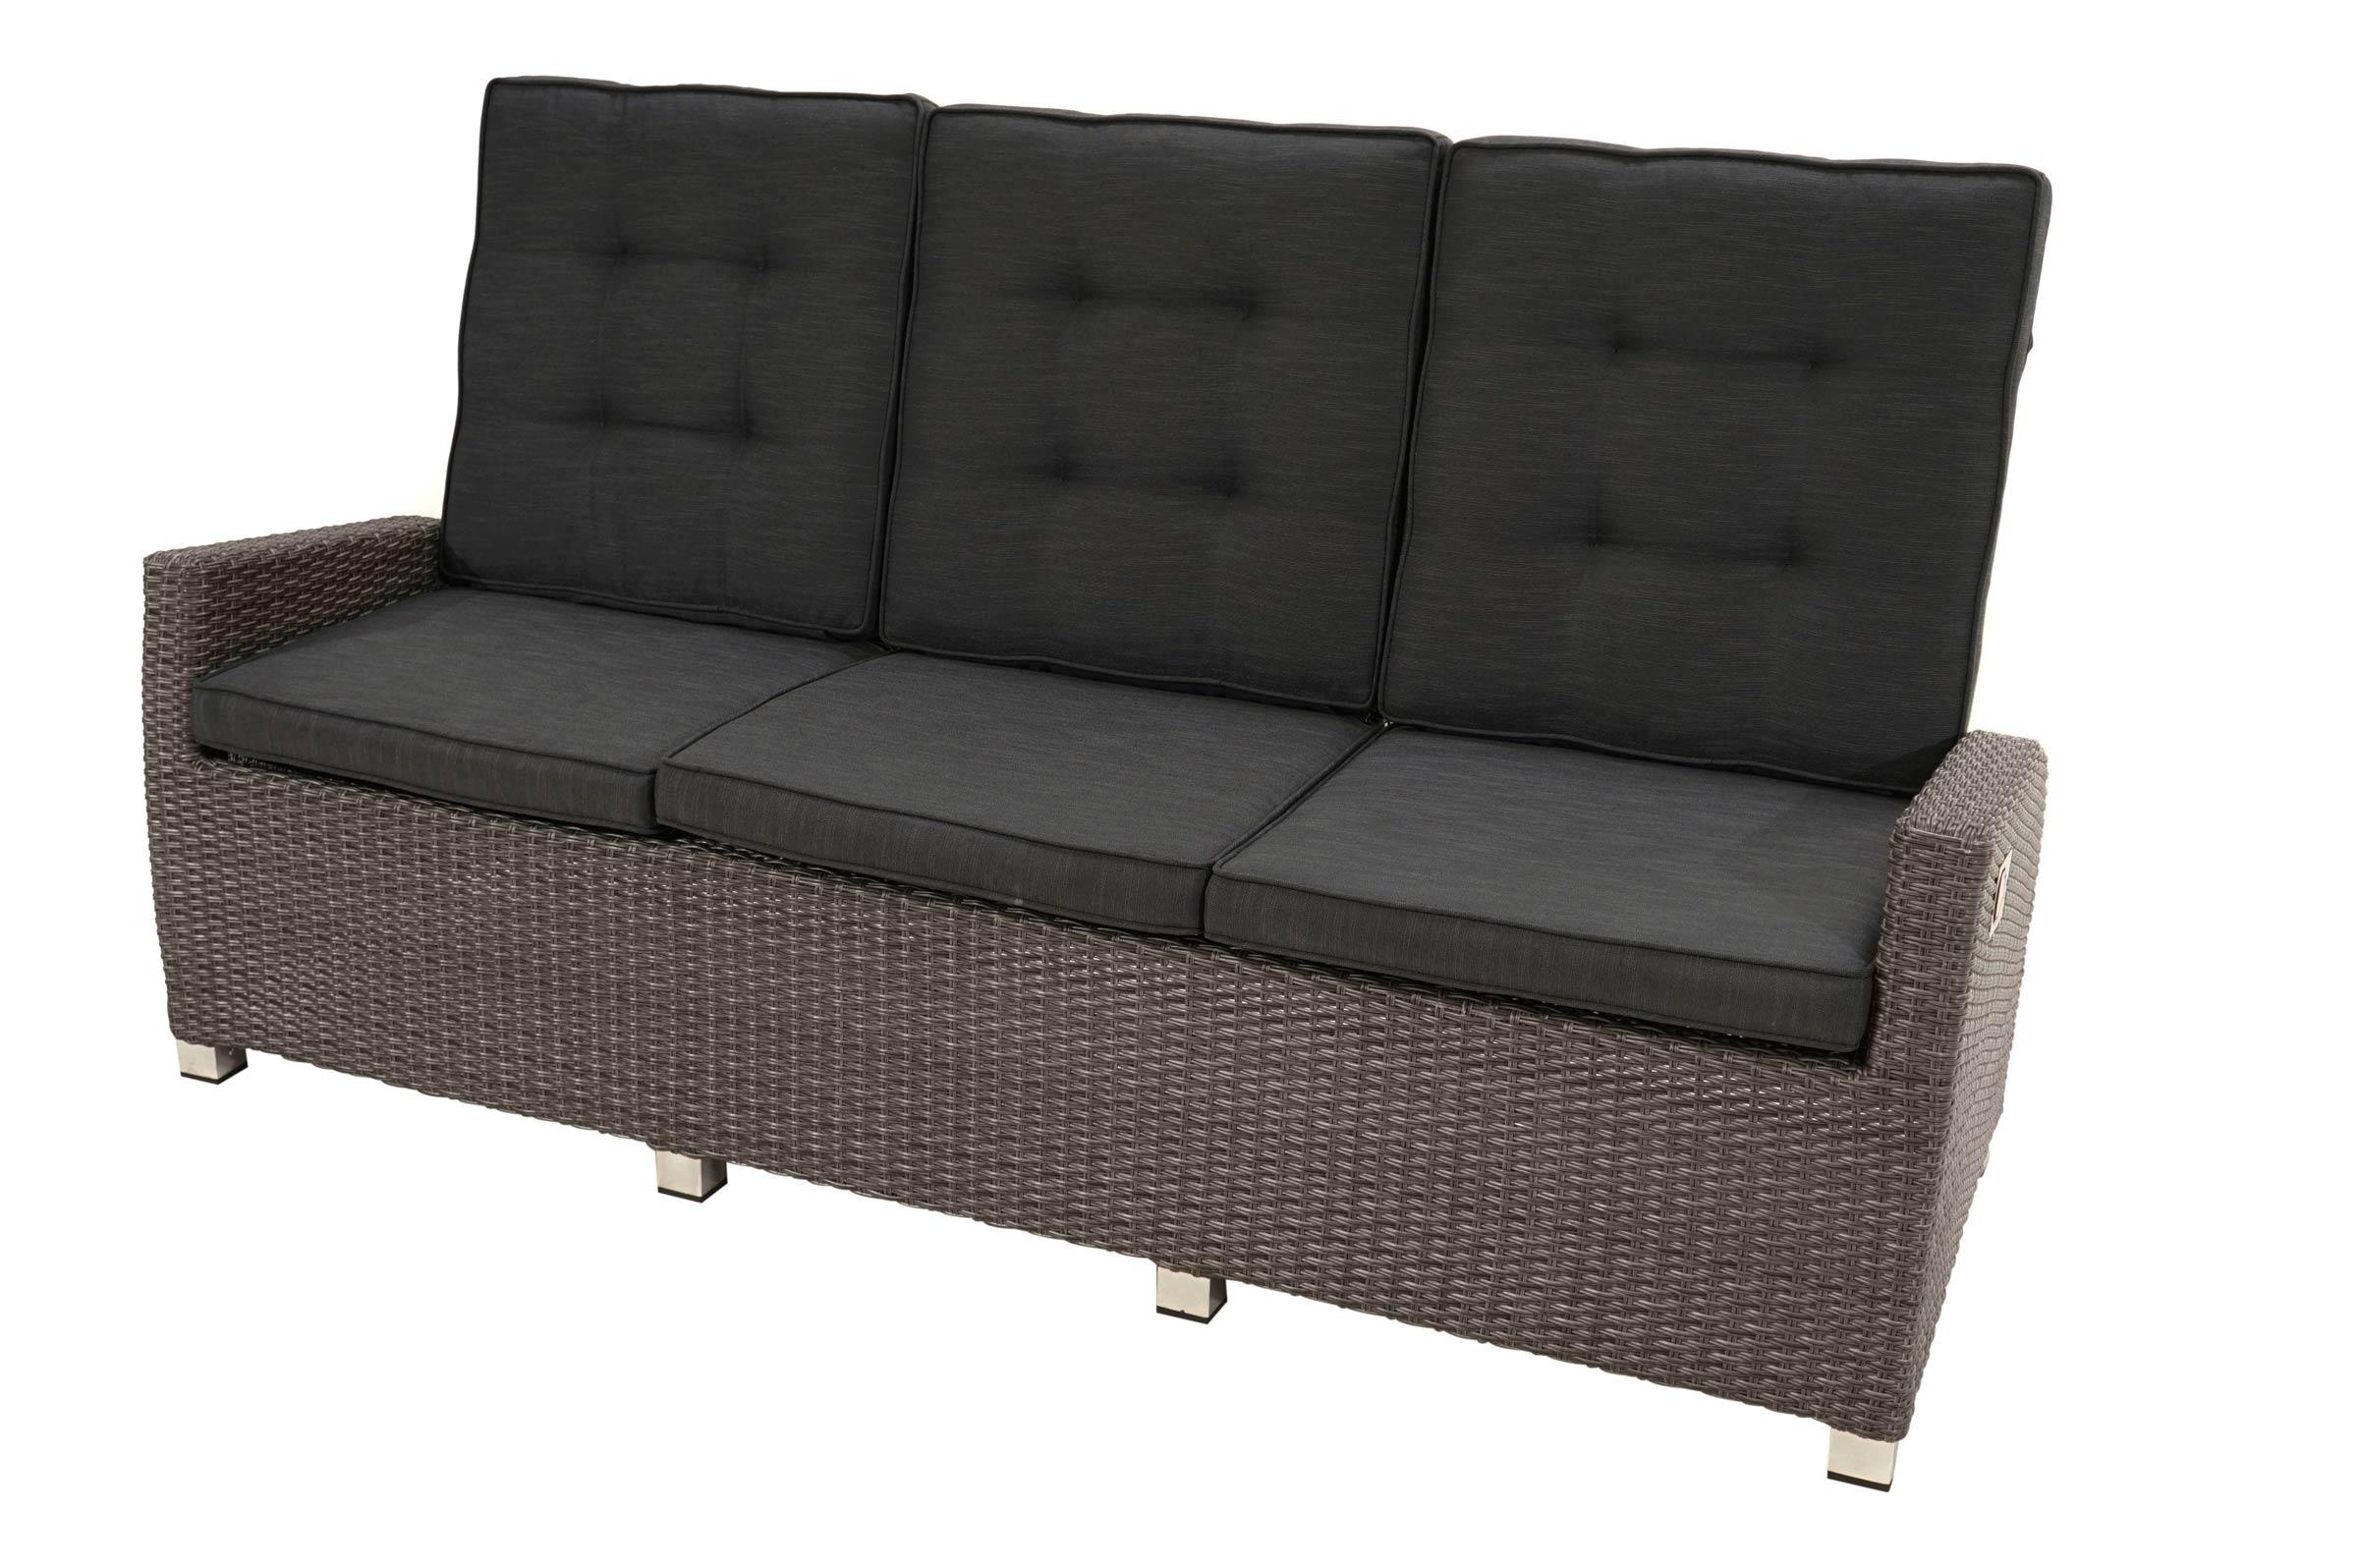 Full Size of Halbrundes Sofa Plo Rocking Comfort Lounge 3er Grau Braun Gartenmoebelde Luxus Modulares Echtleder Esstisch Kaufen Günstig Megapol Erpo Rattan Garten Kare 2 Sofa Halbrundes Sofa